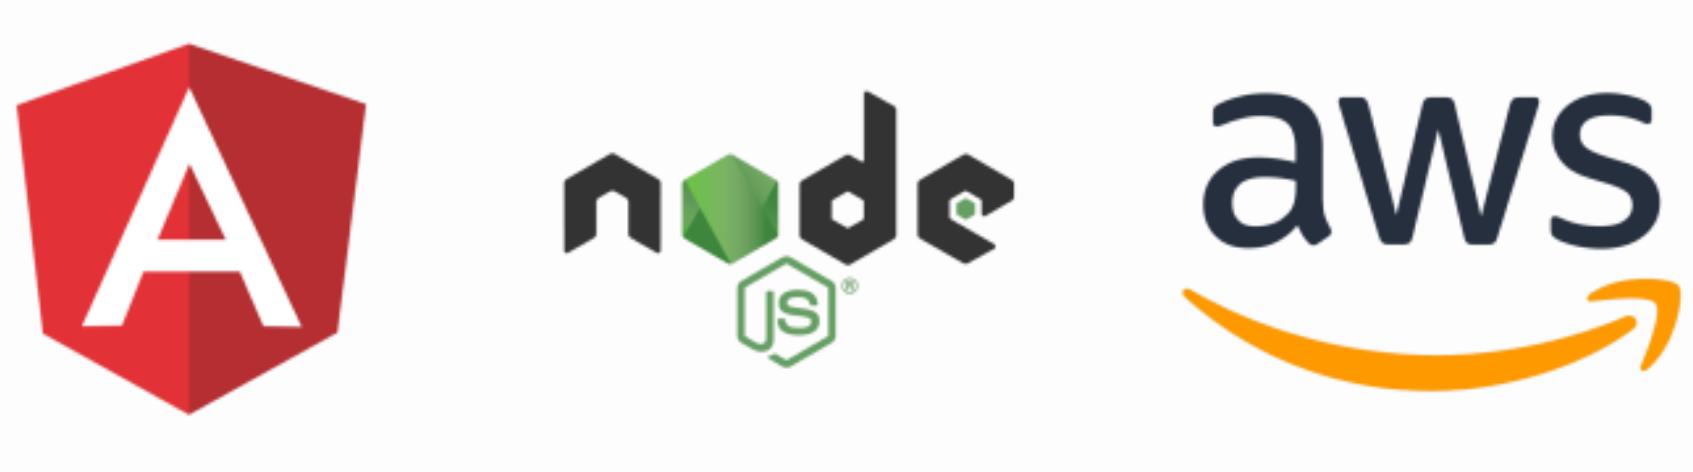 [AWS SDK for JavaScript] WEBアプリ→AWSへのリクエスト認証時のエラーハンドリング